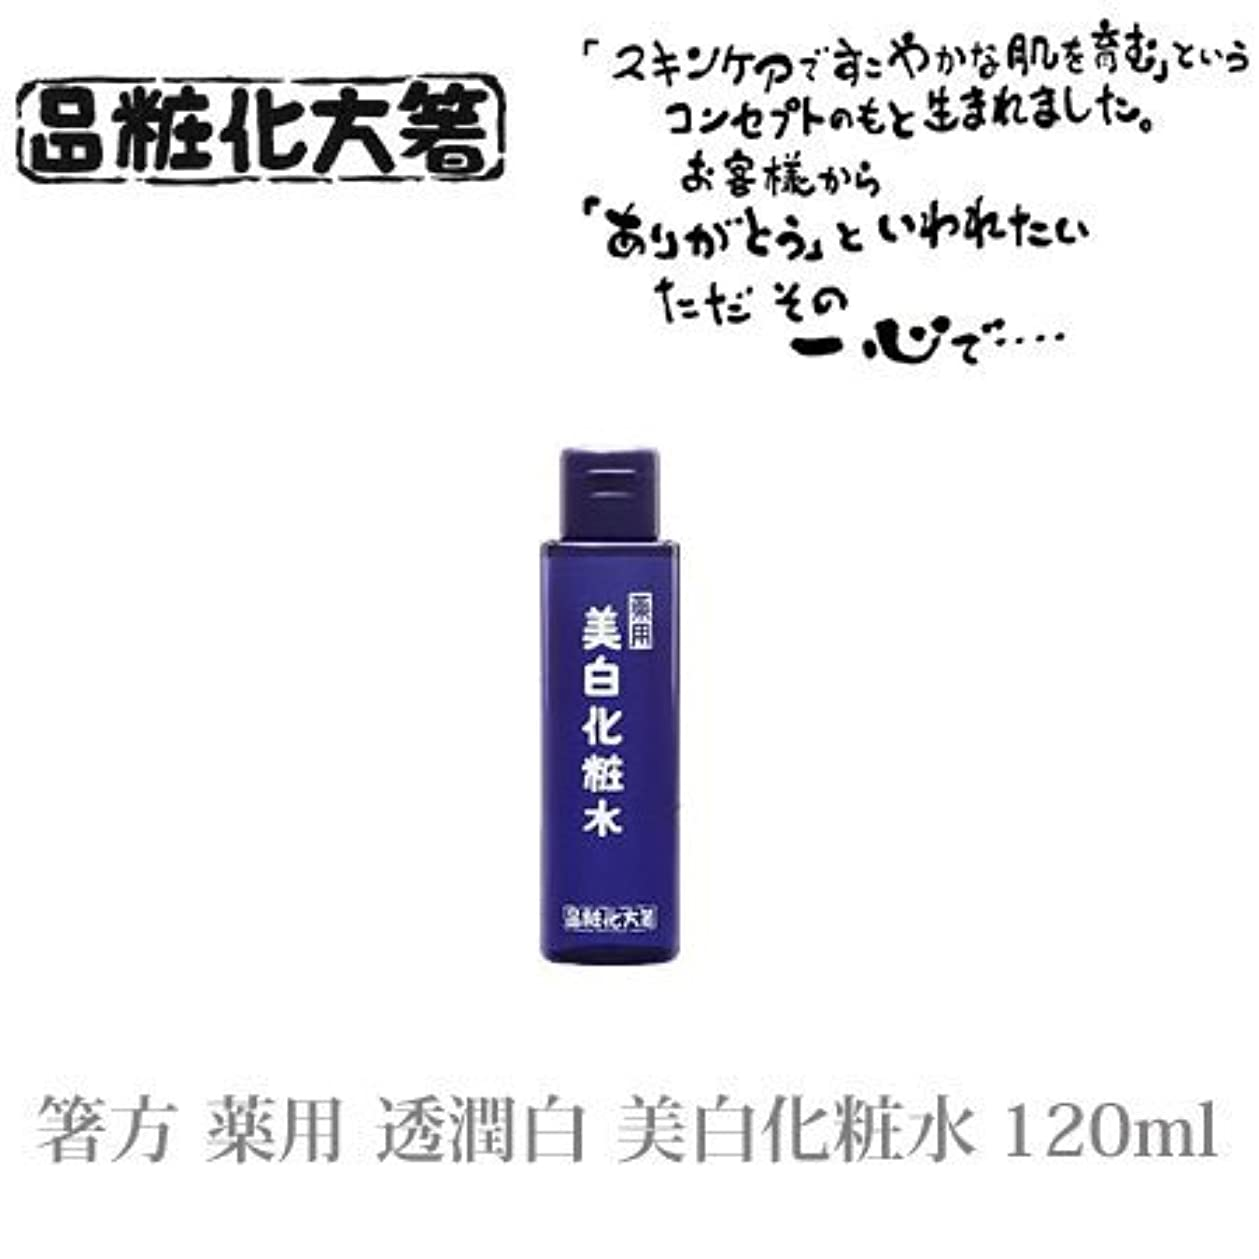 地質学水課す箸方化粧品 薬用 透潤白 美白化粧水 120ml はしかた化粧品